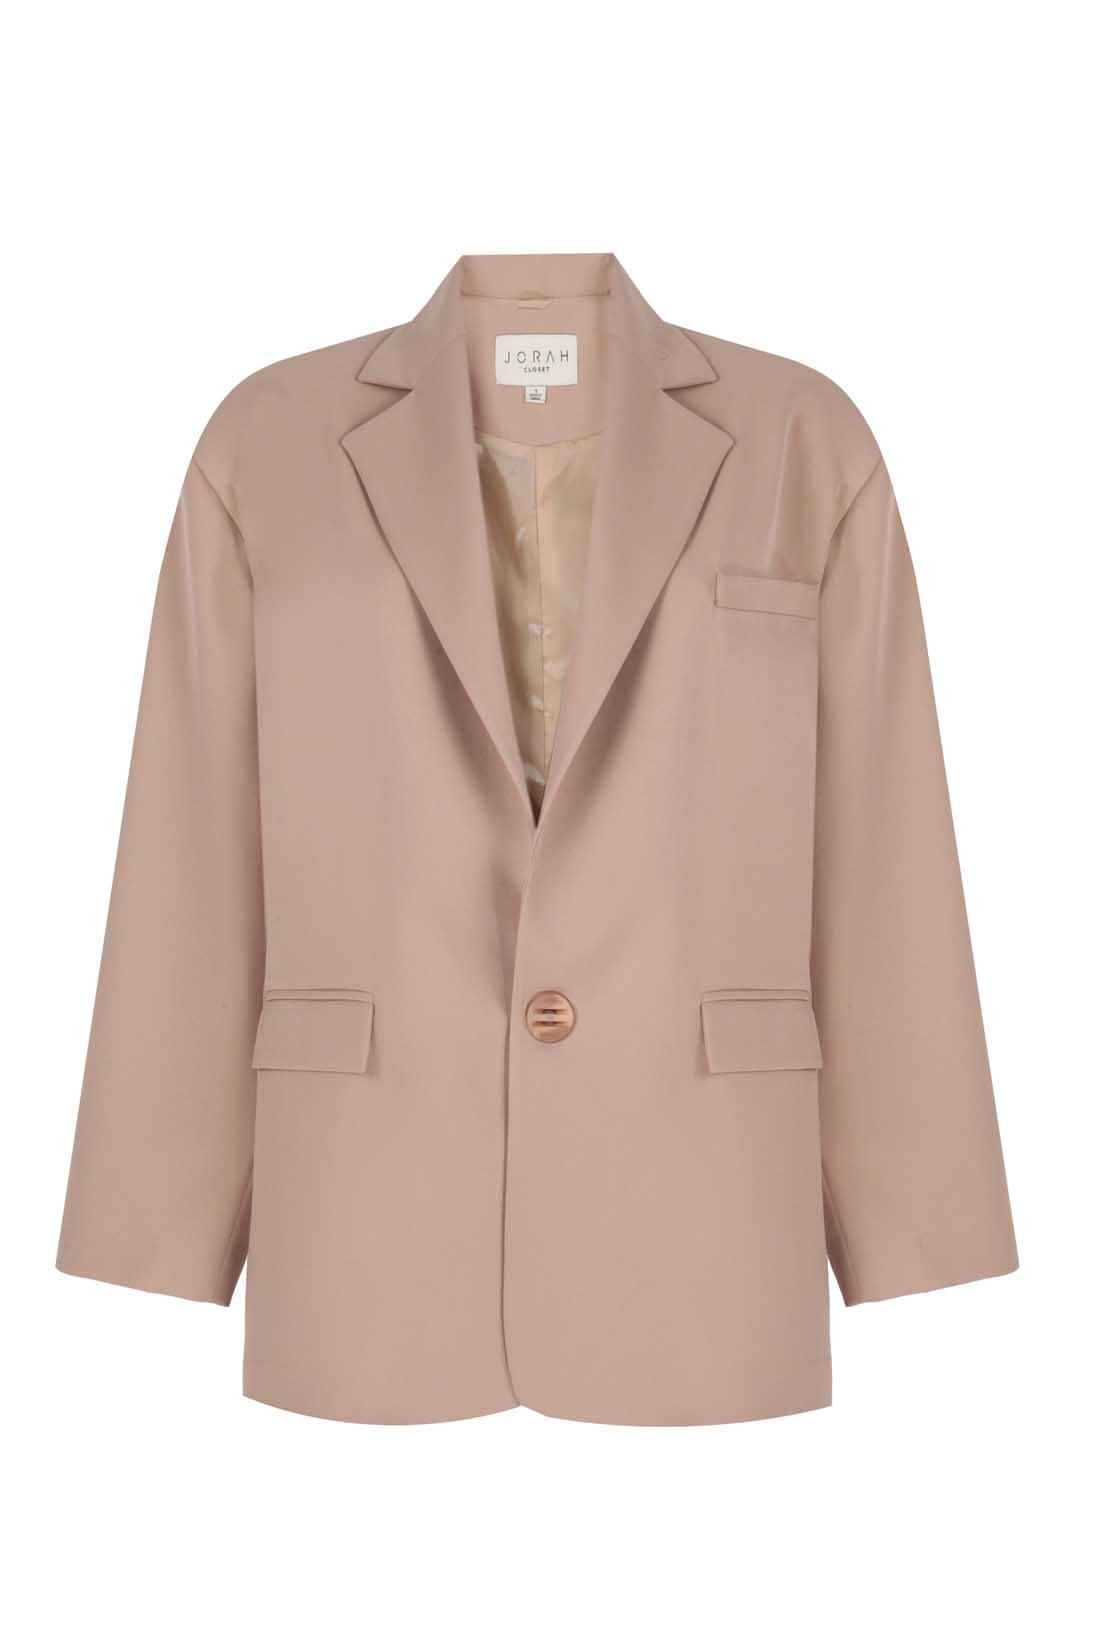 Jessy Oversize Jacket